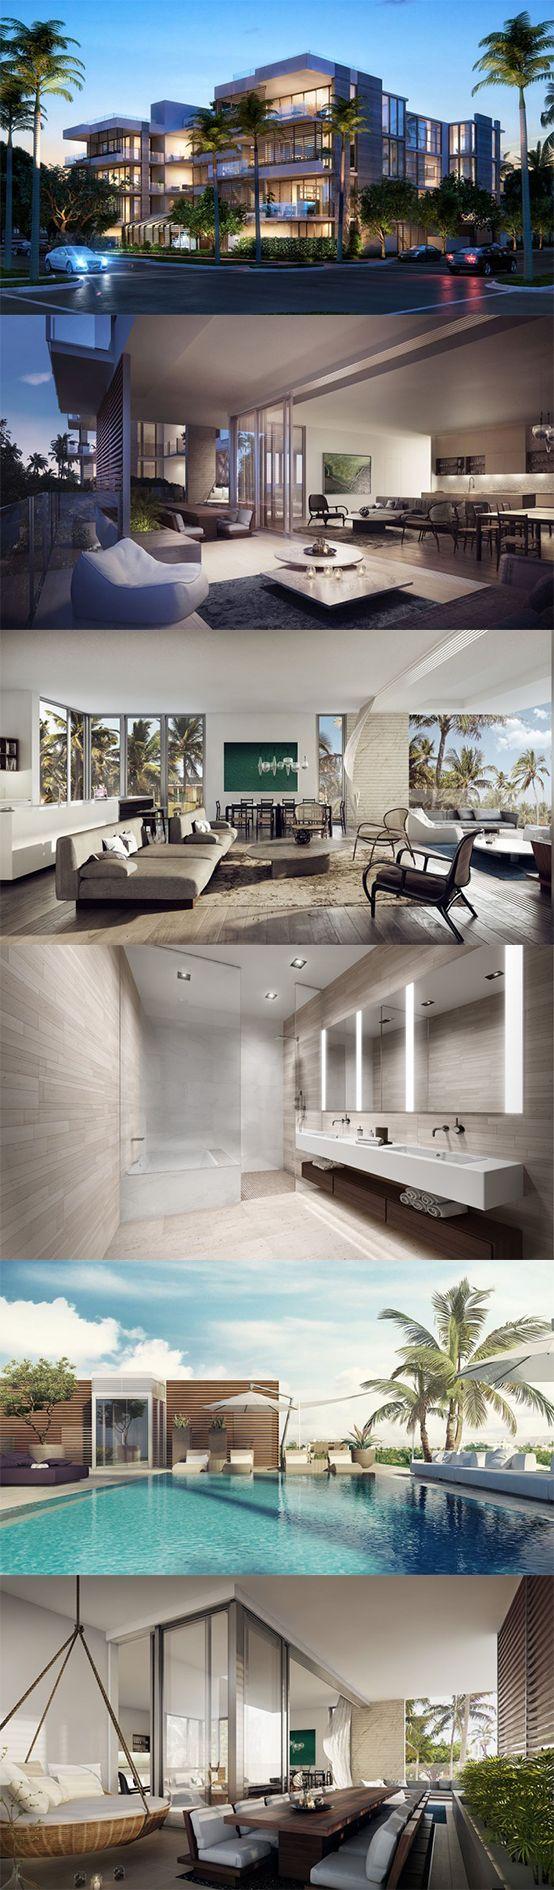 Casa  moderna estilo MIAMI